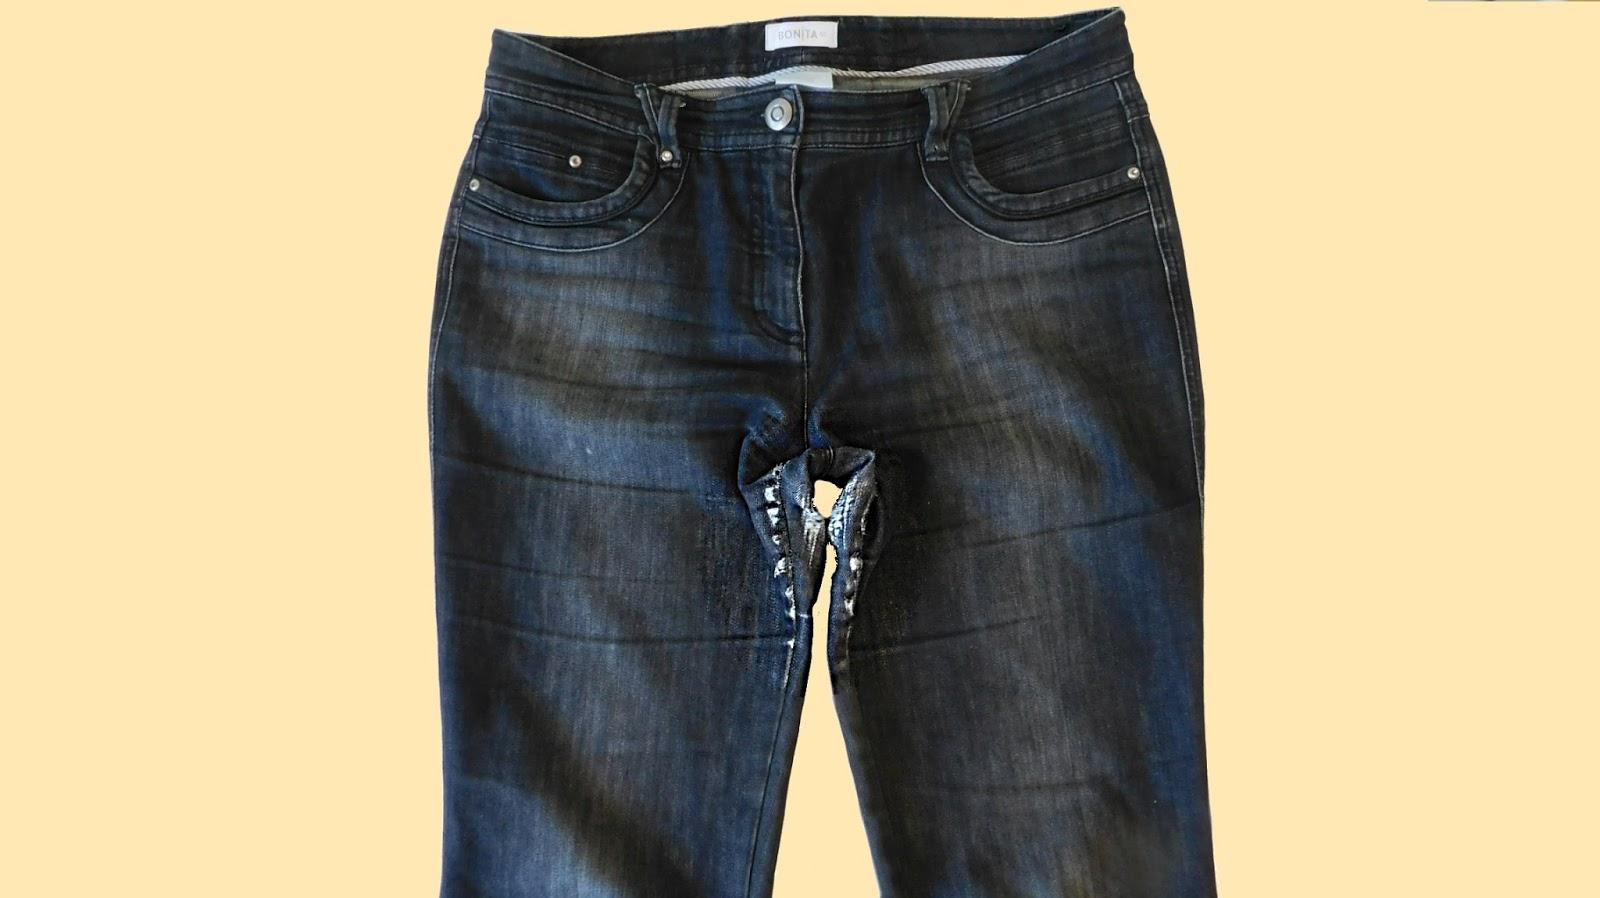 Jeans Flicken Schritt